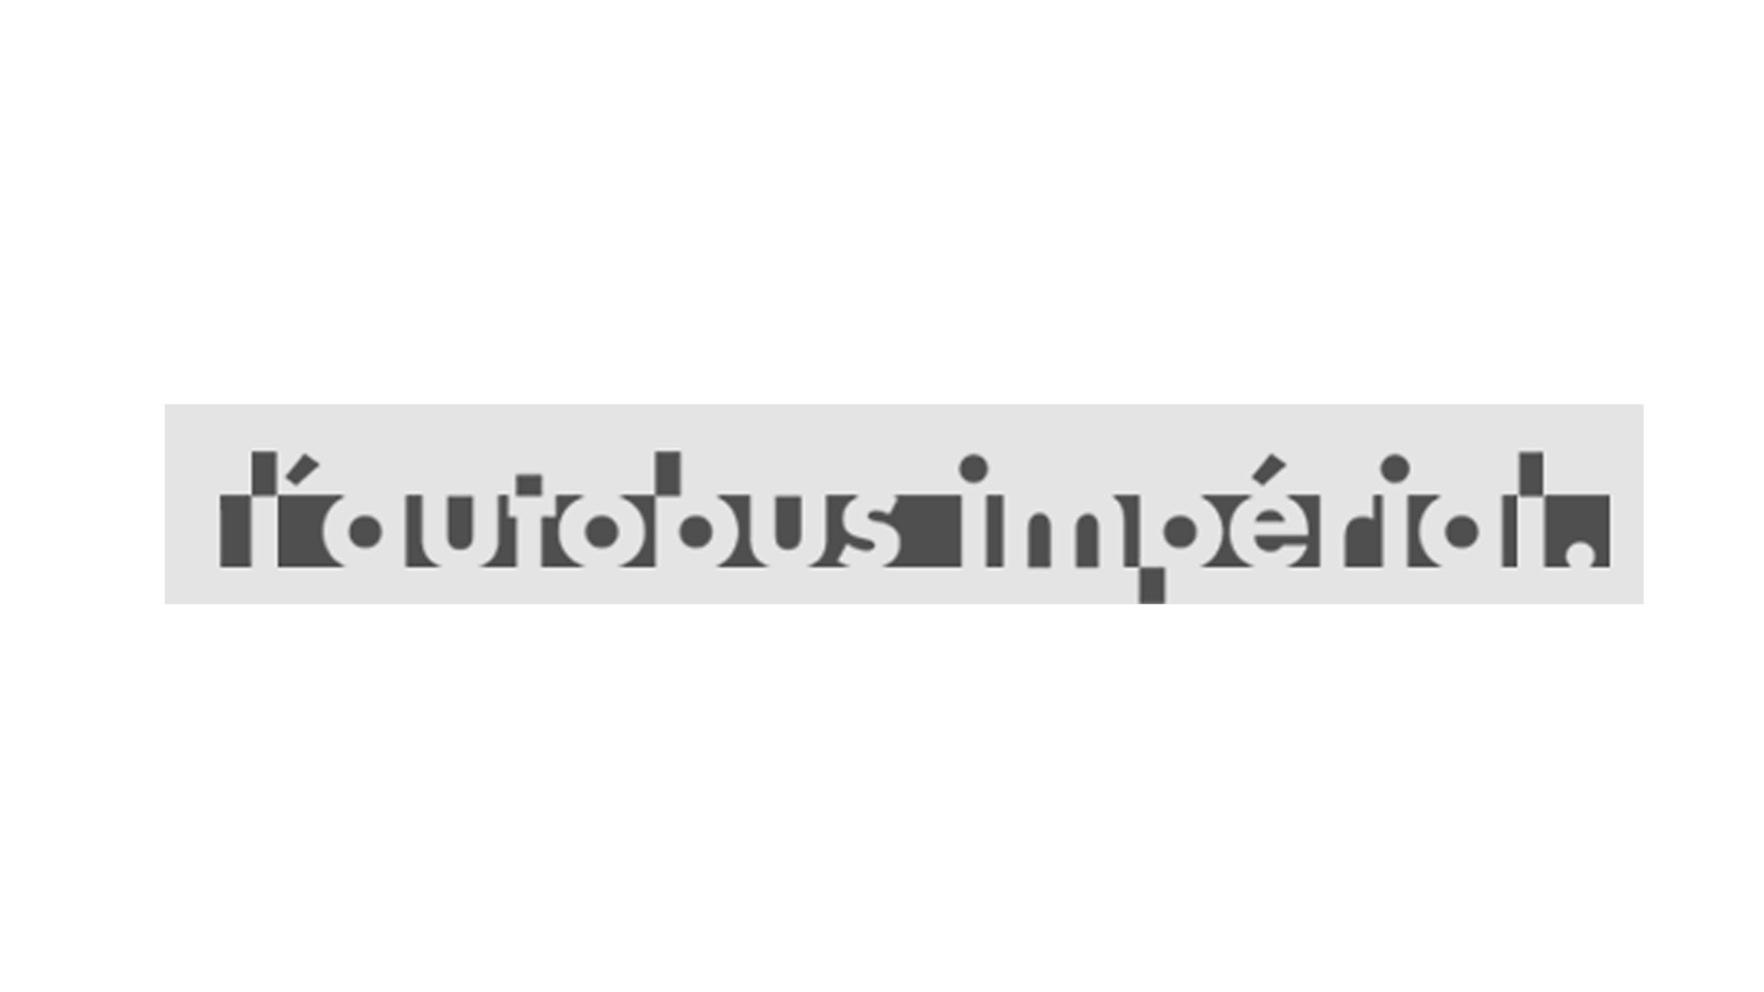 AUTOBUS+IMPERIAL.jpg